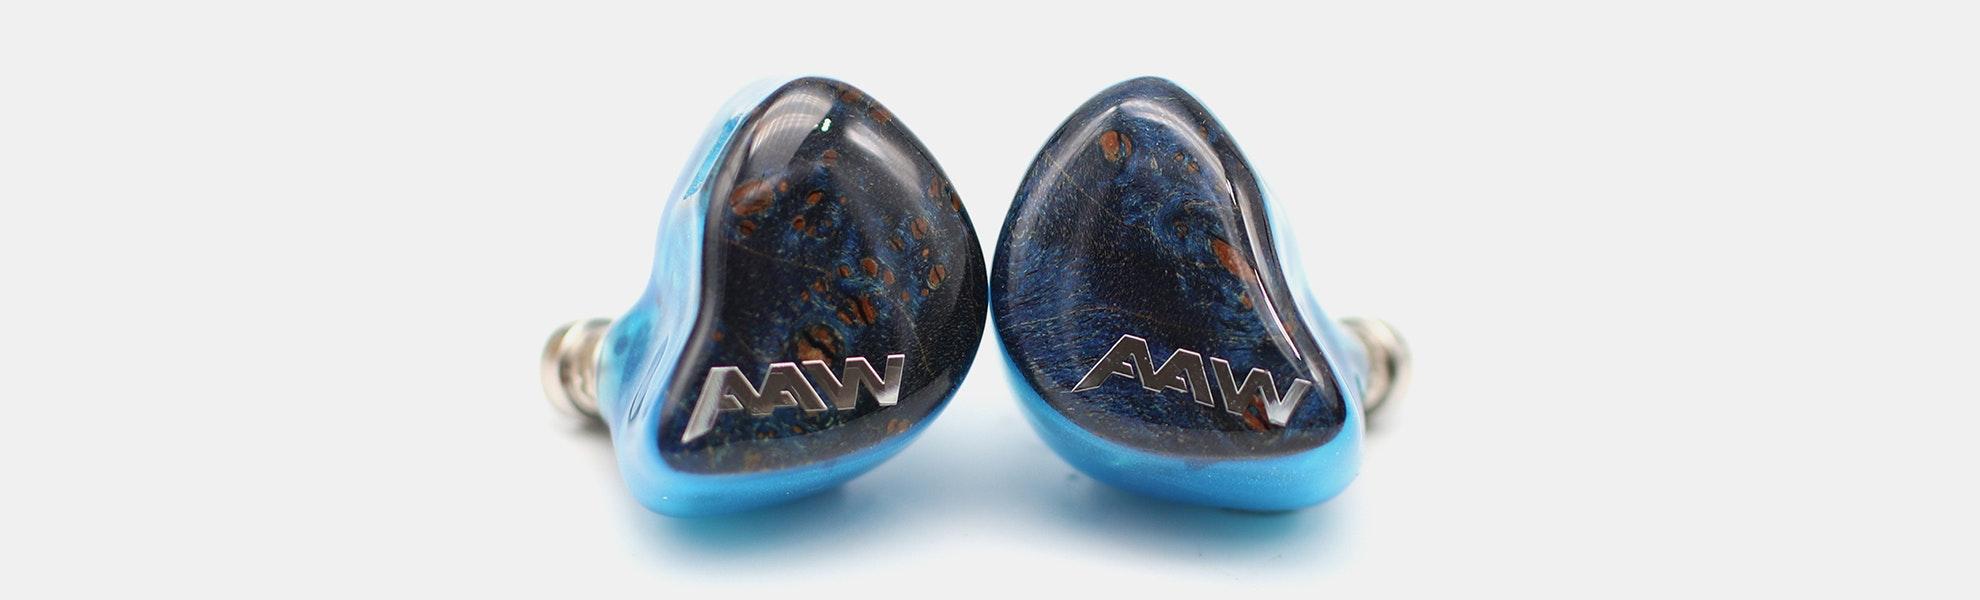 AAW AXH Universal-Fit IEM